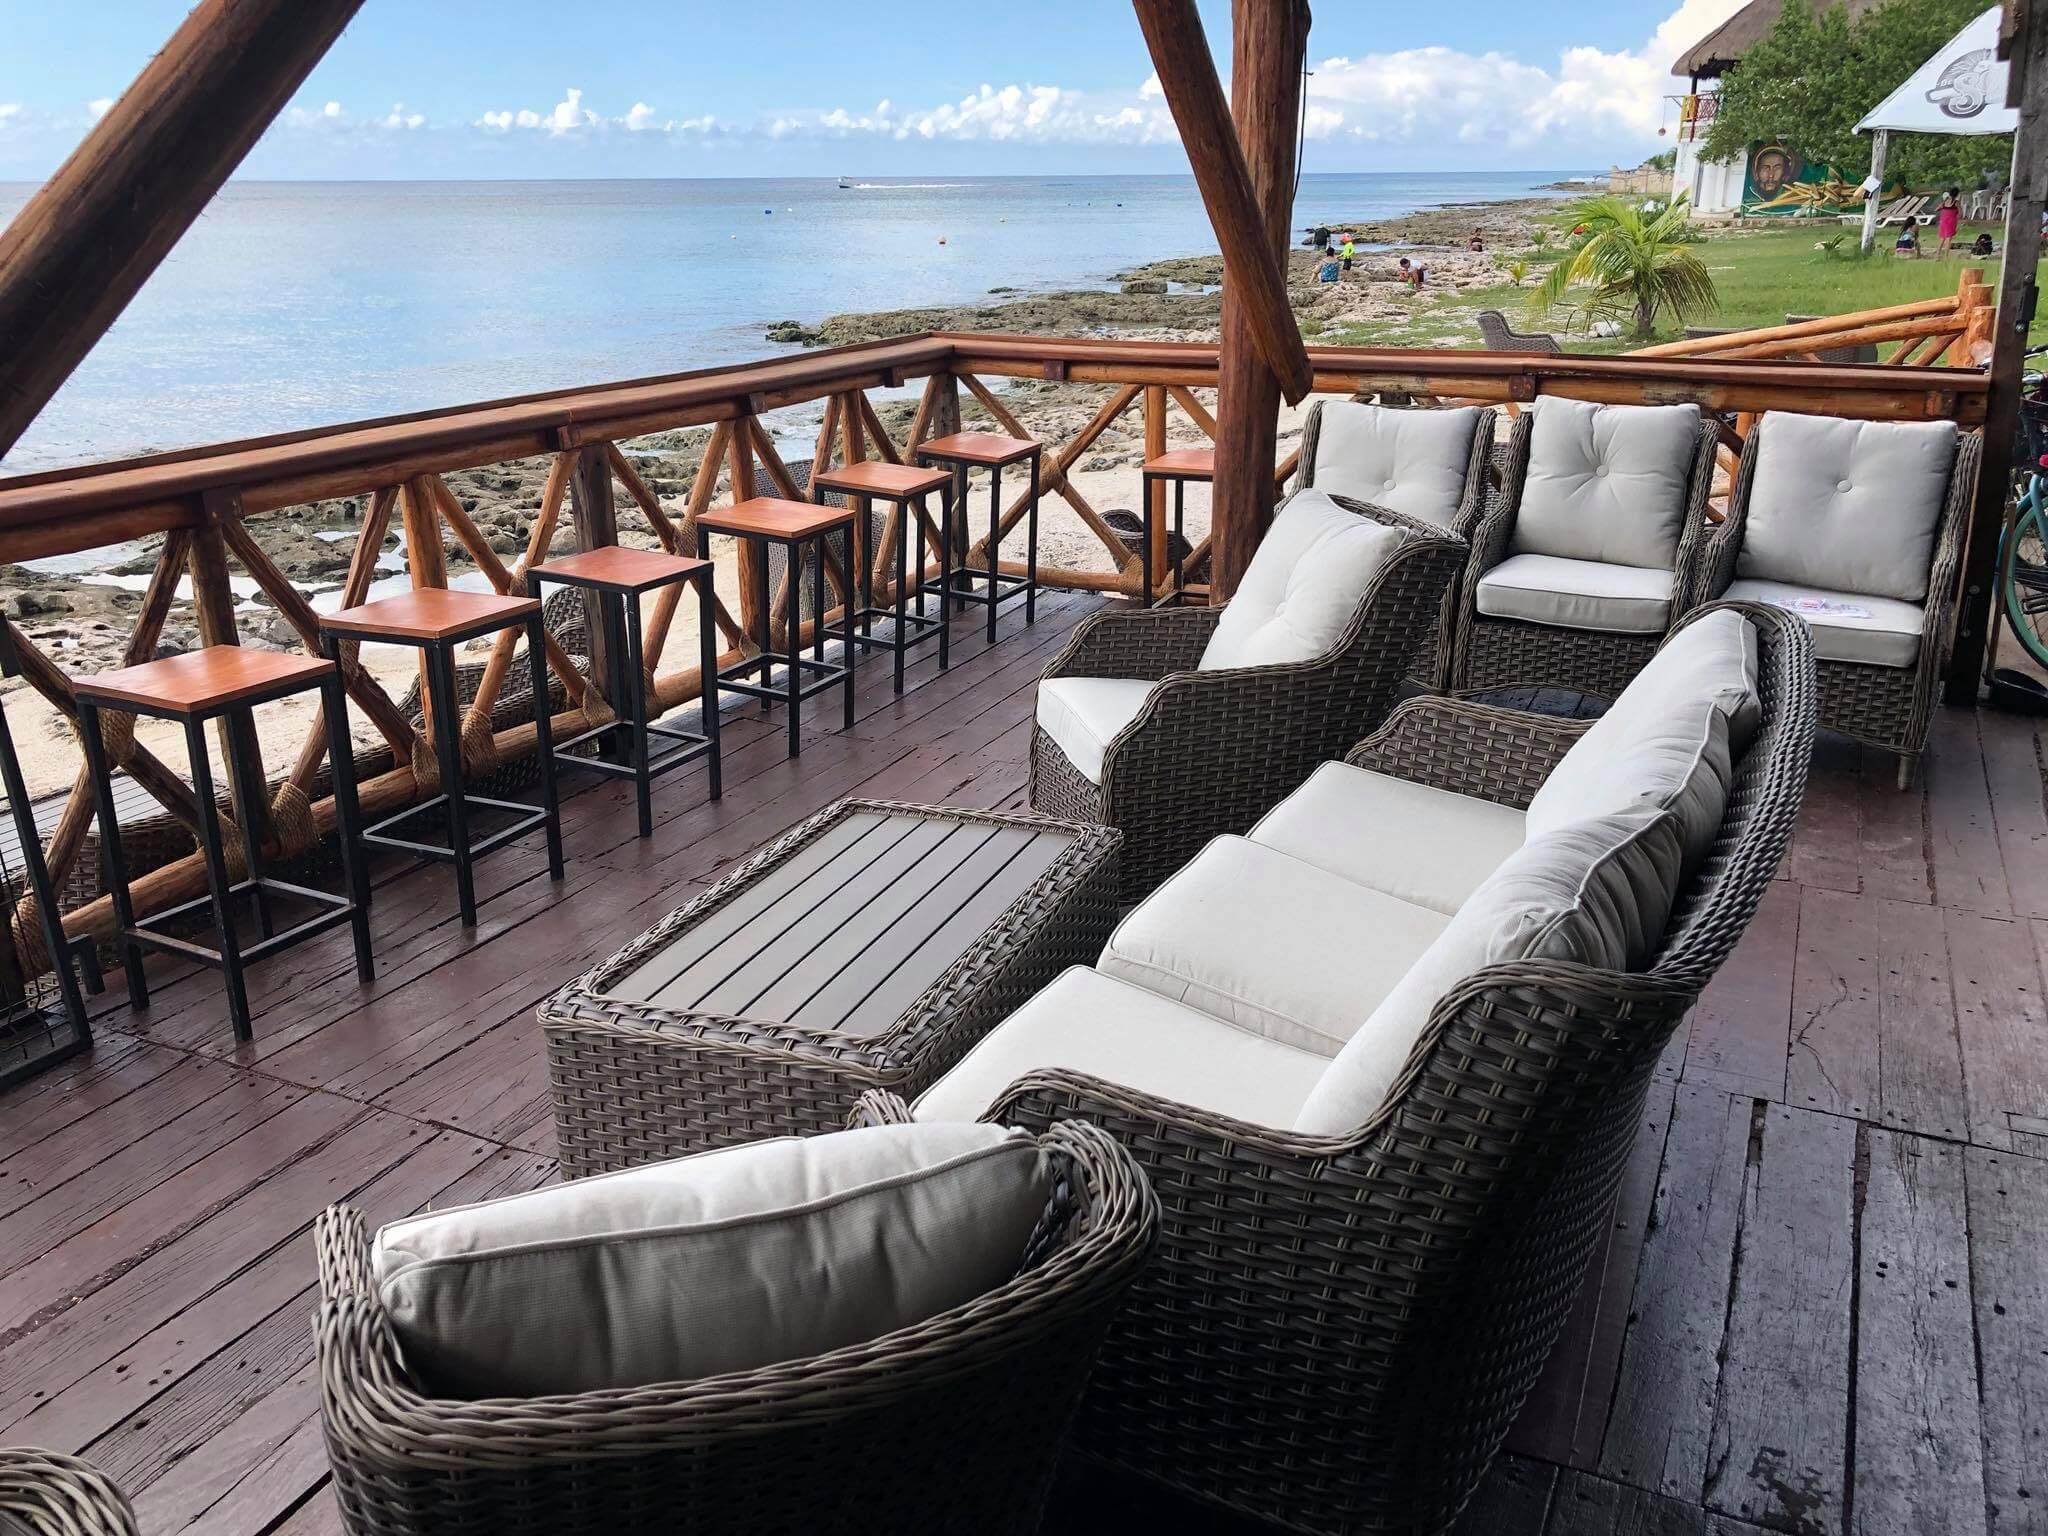 Cozumel My Cozumel Hemingway lounge